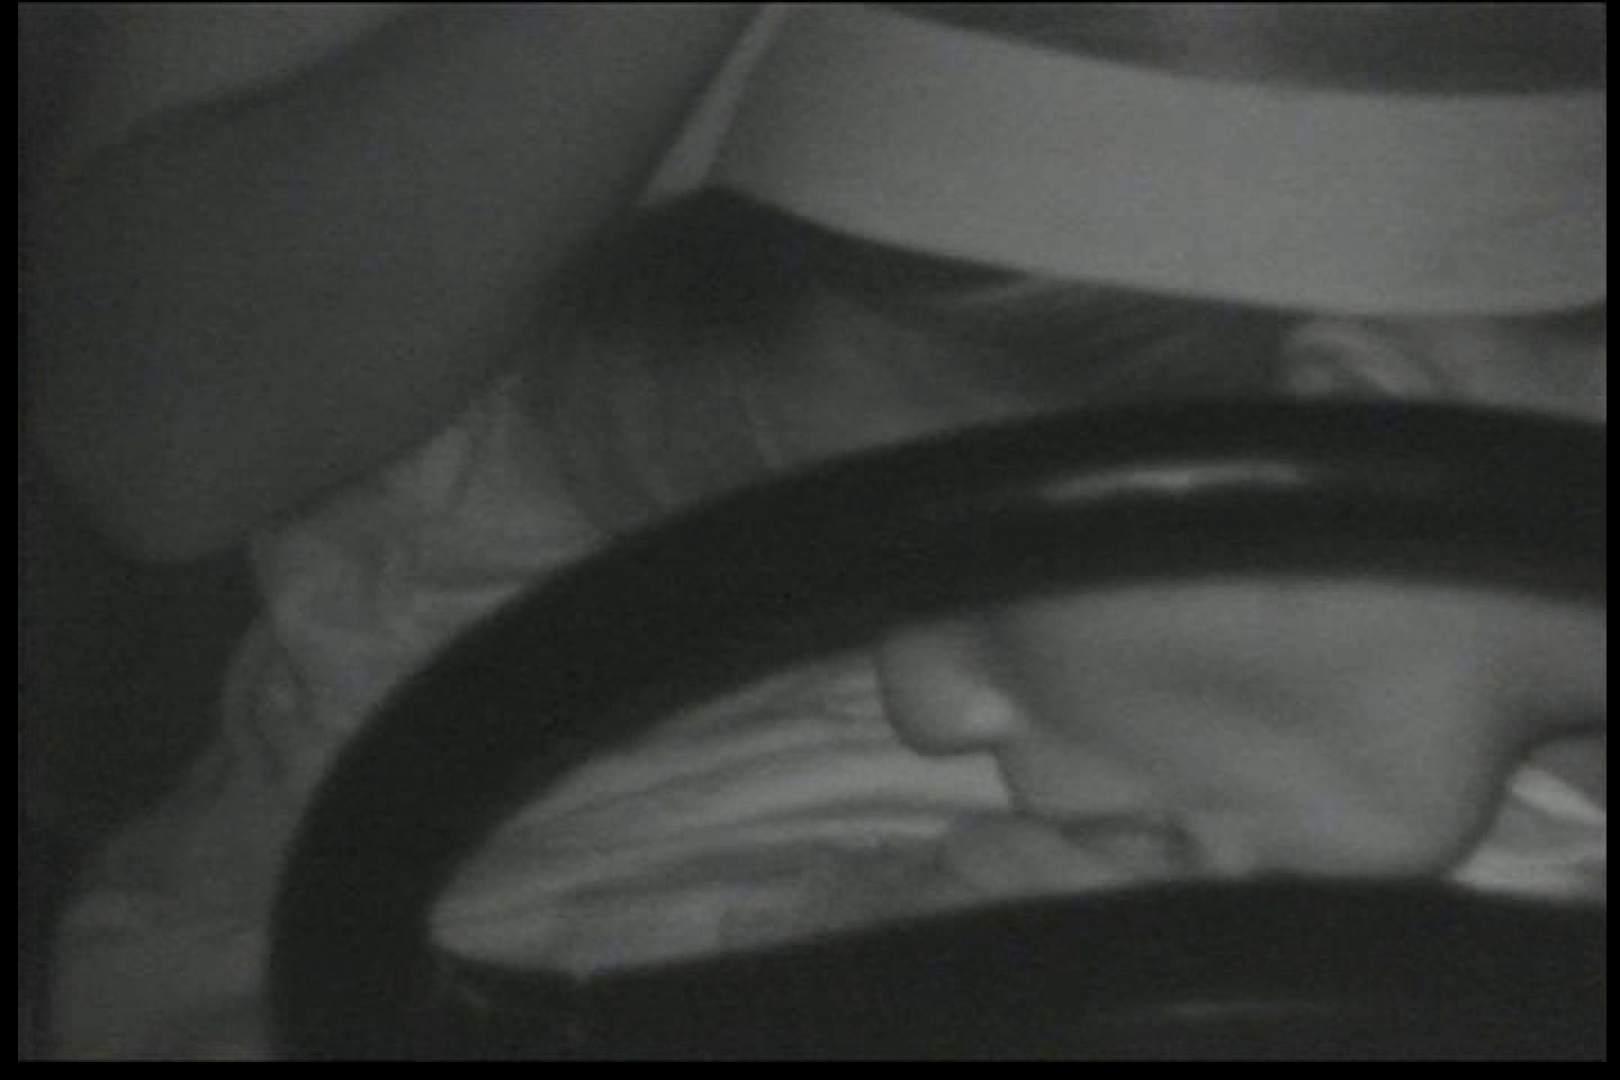 車の中はラブホテル 無修正版  Vol.12 車 AV動画キャプチャ 87pic 68